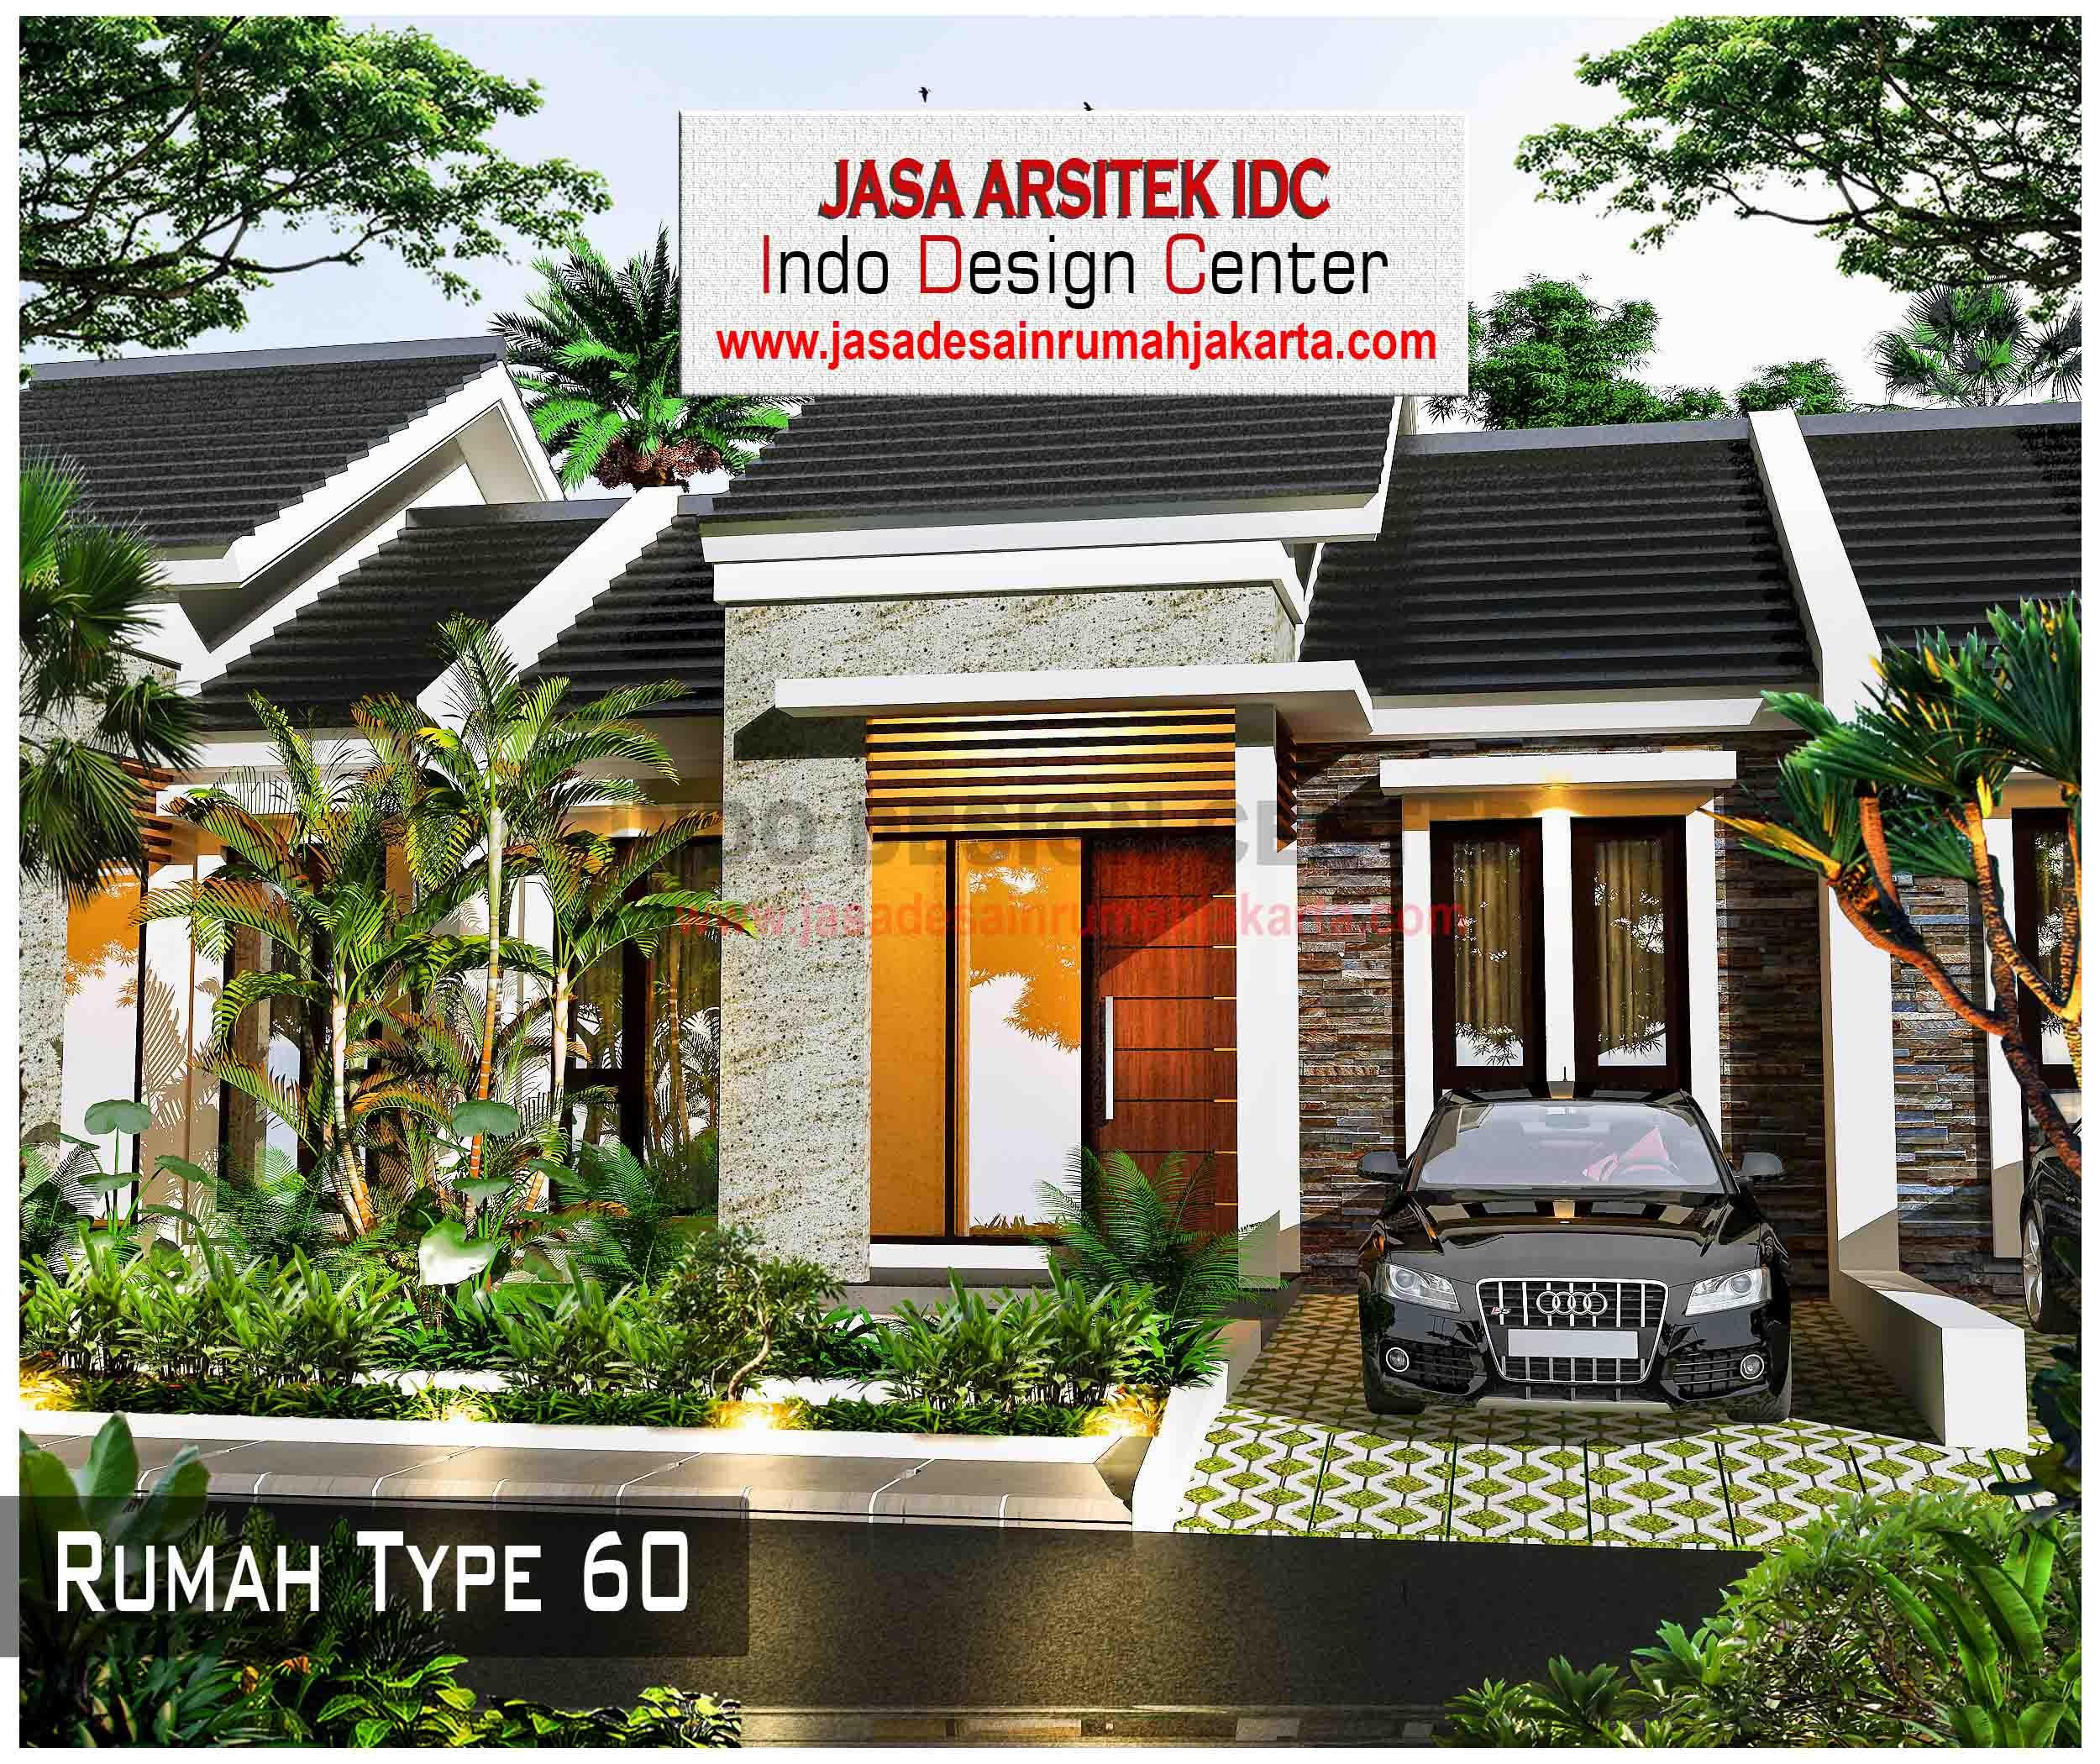 14 Desain Rumah Type 60 Jasa Desain Rumah Jakarta